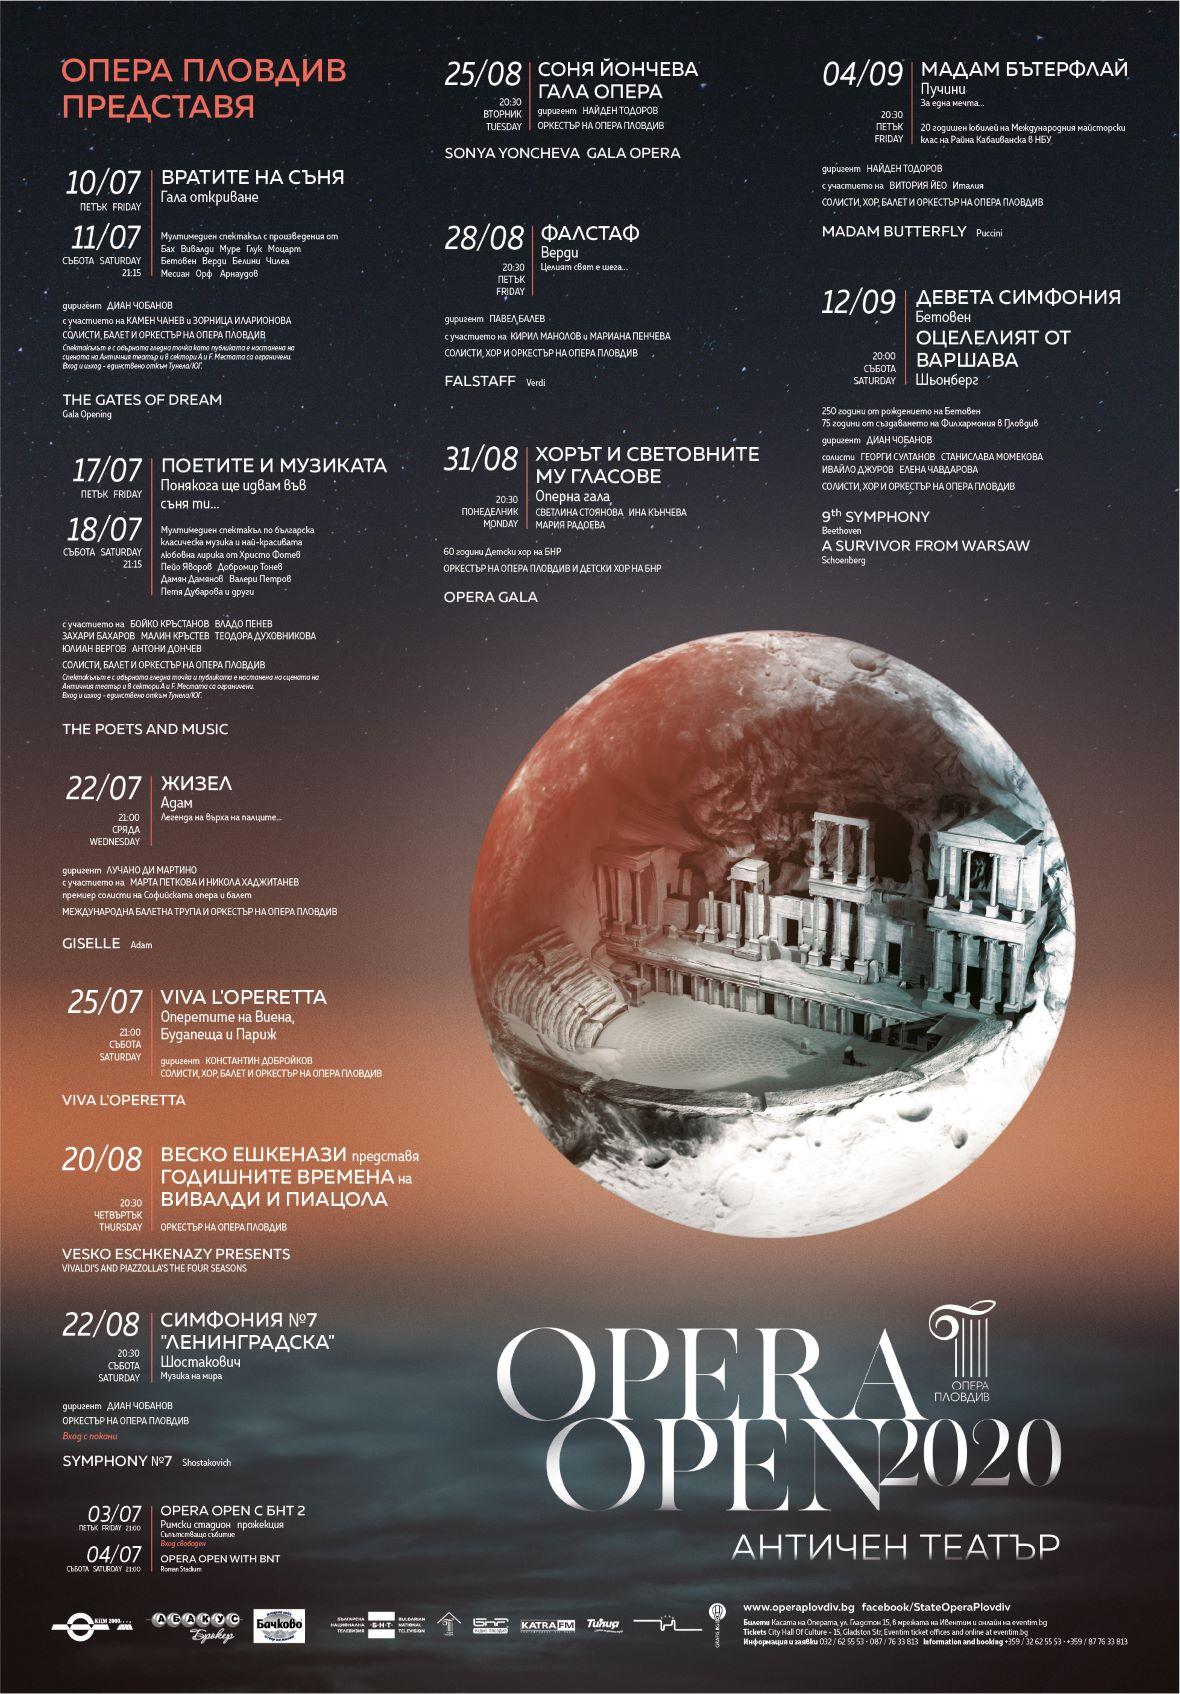 OPERA OPEN 2020 - пълна програма